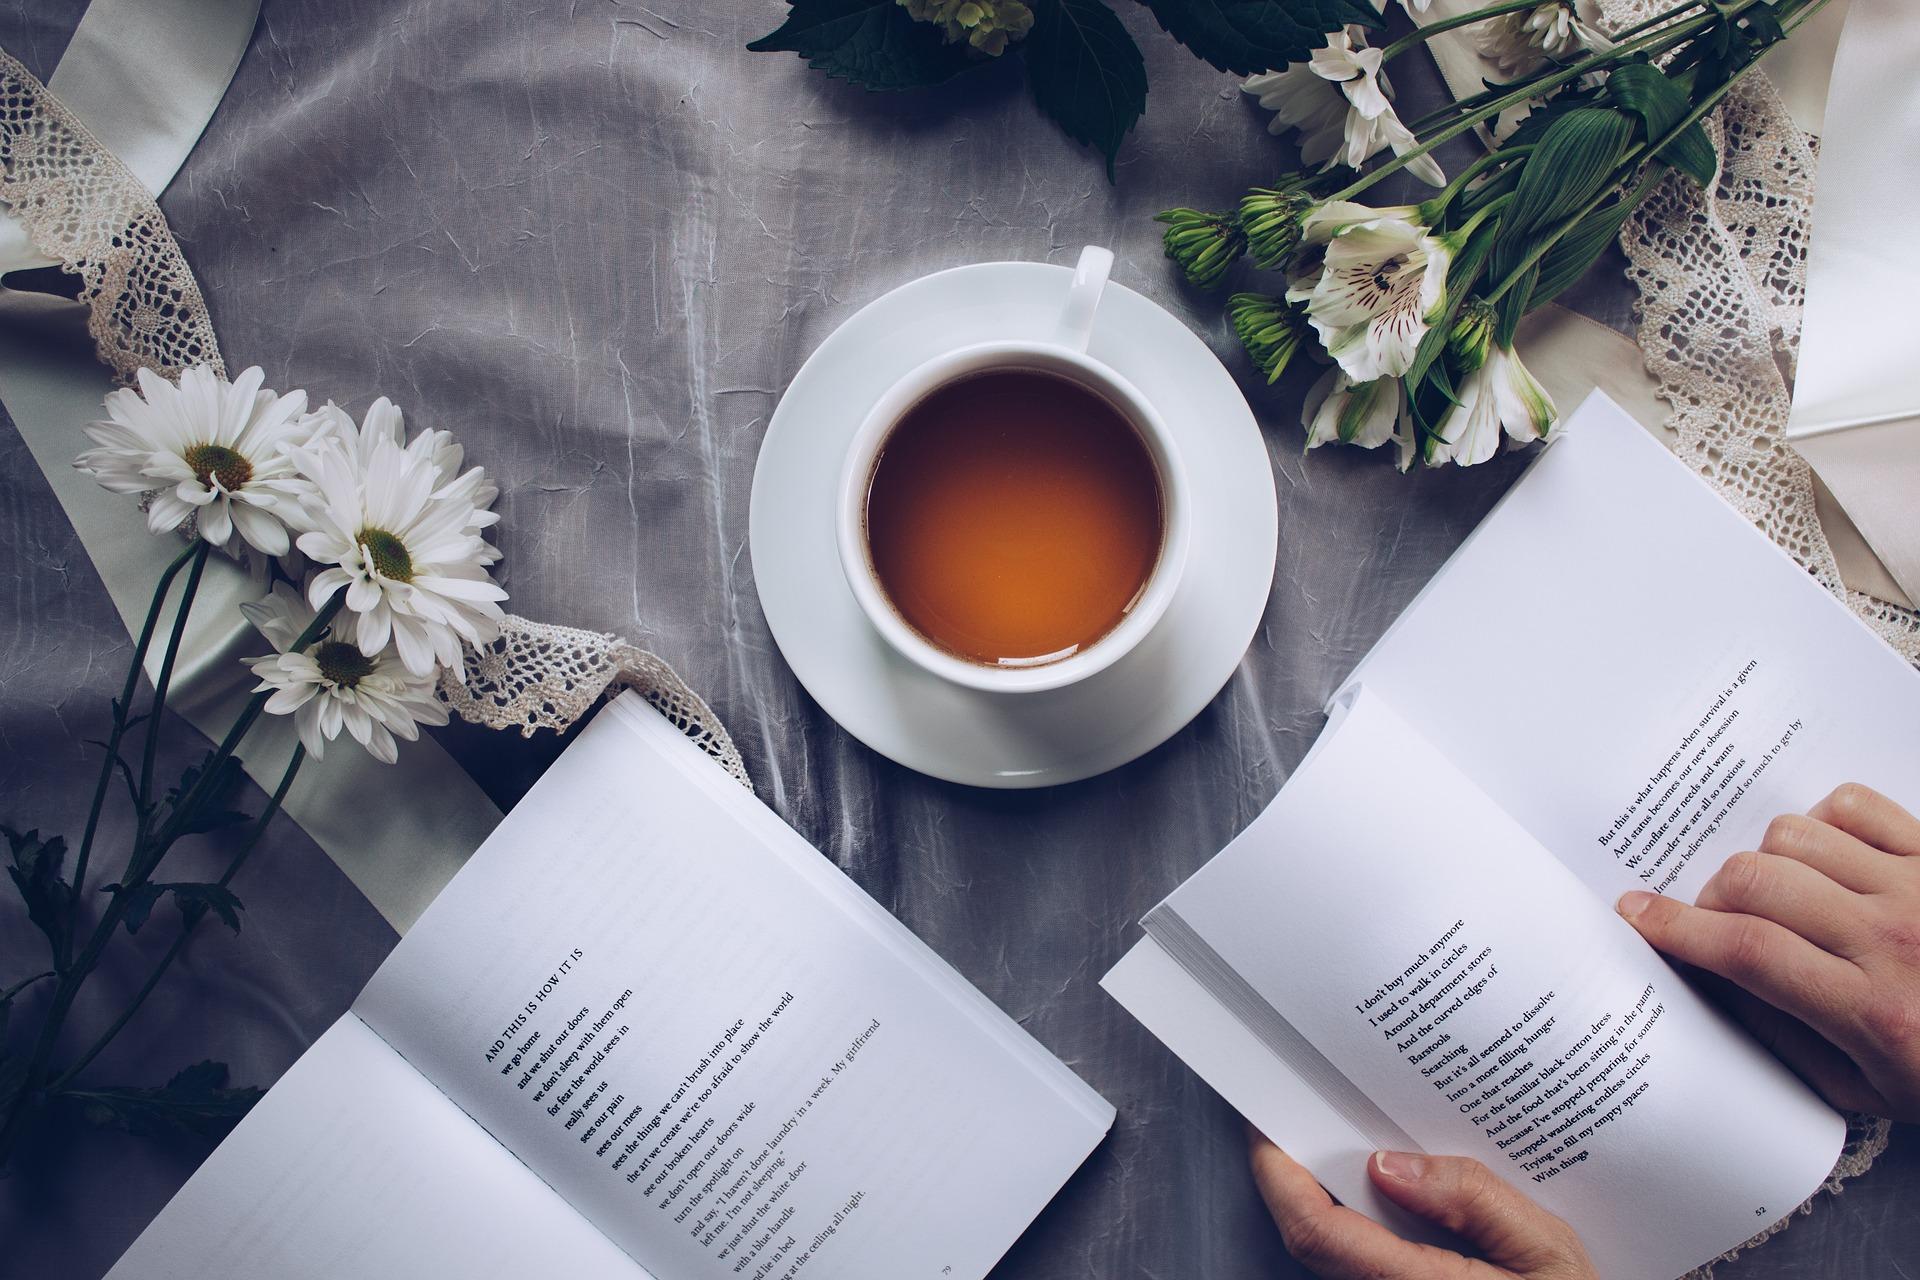 lecture, détente, nouveautés, livres, relaxation, cuisine, psychologique, santé, jeunesse